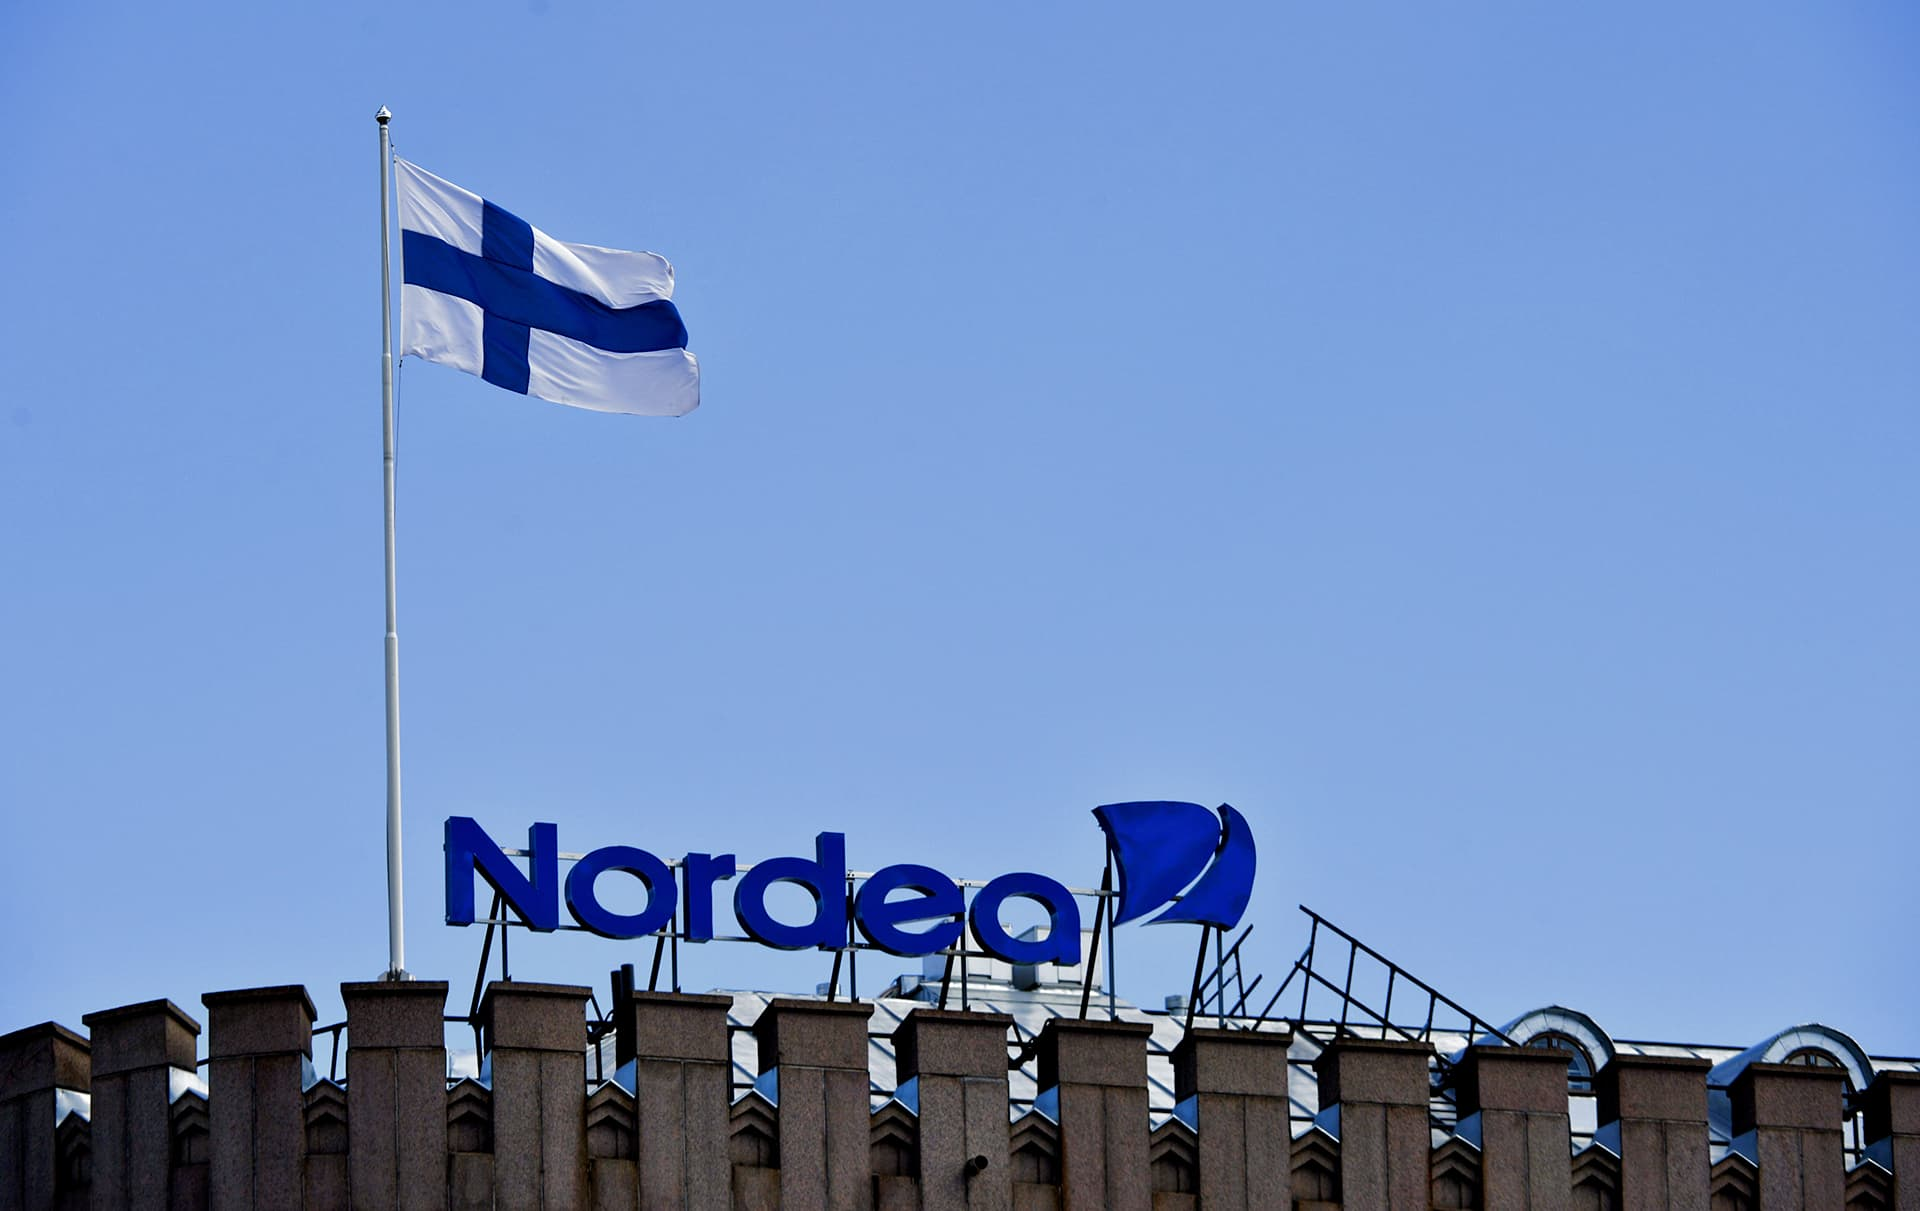 Nordean valomainos ja Suomen lippu talon katolla Helsingin keskustassa.